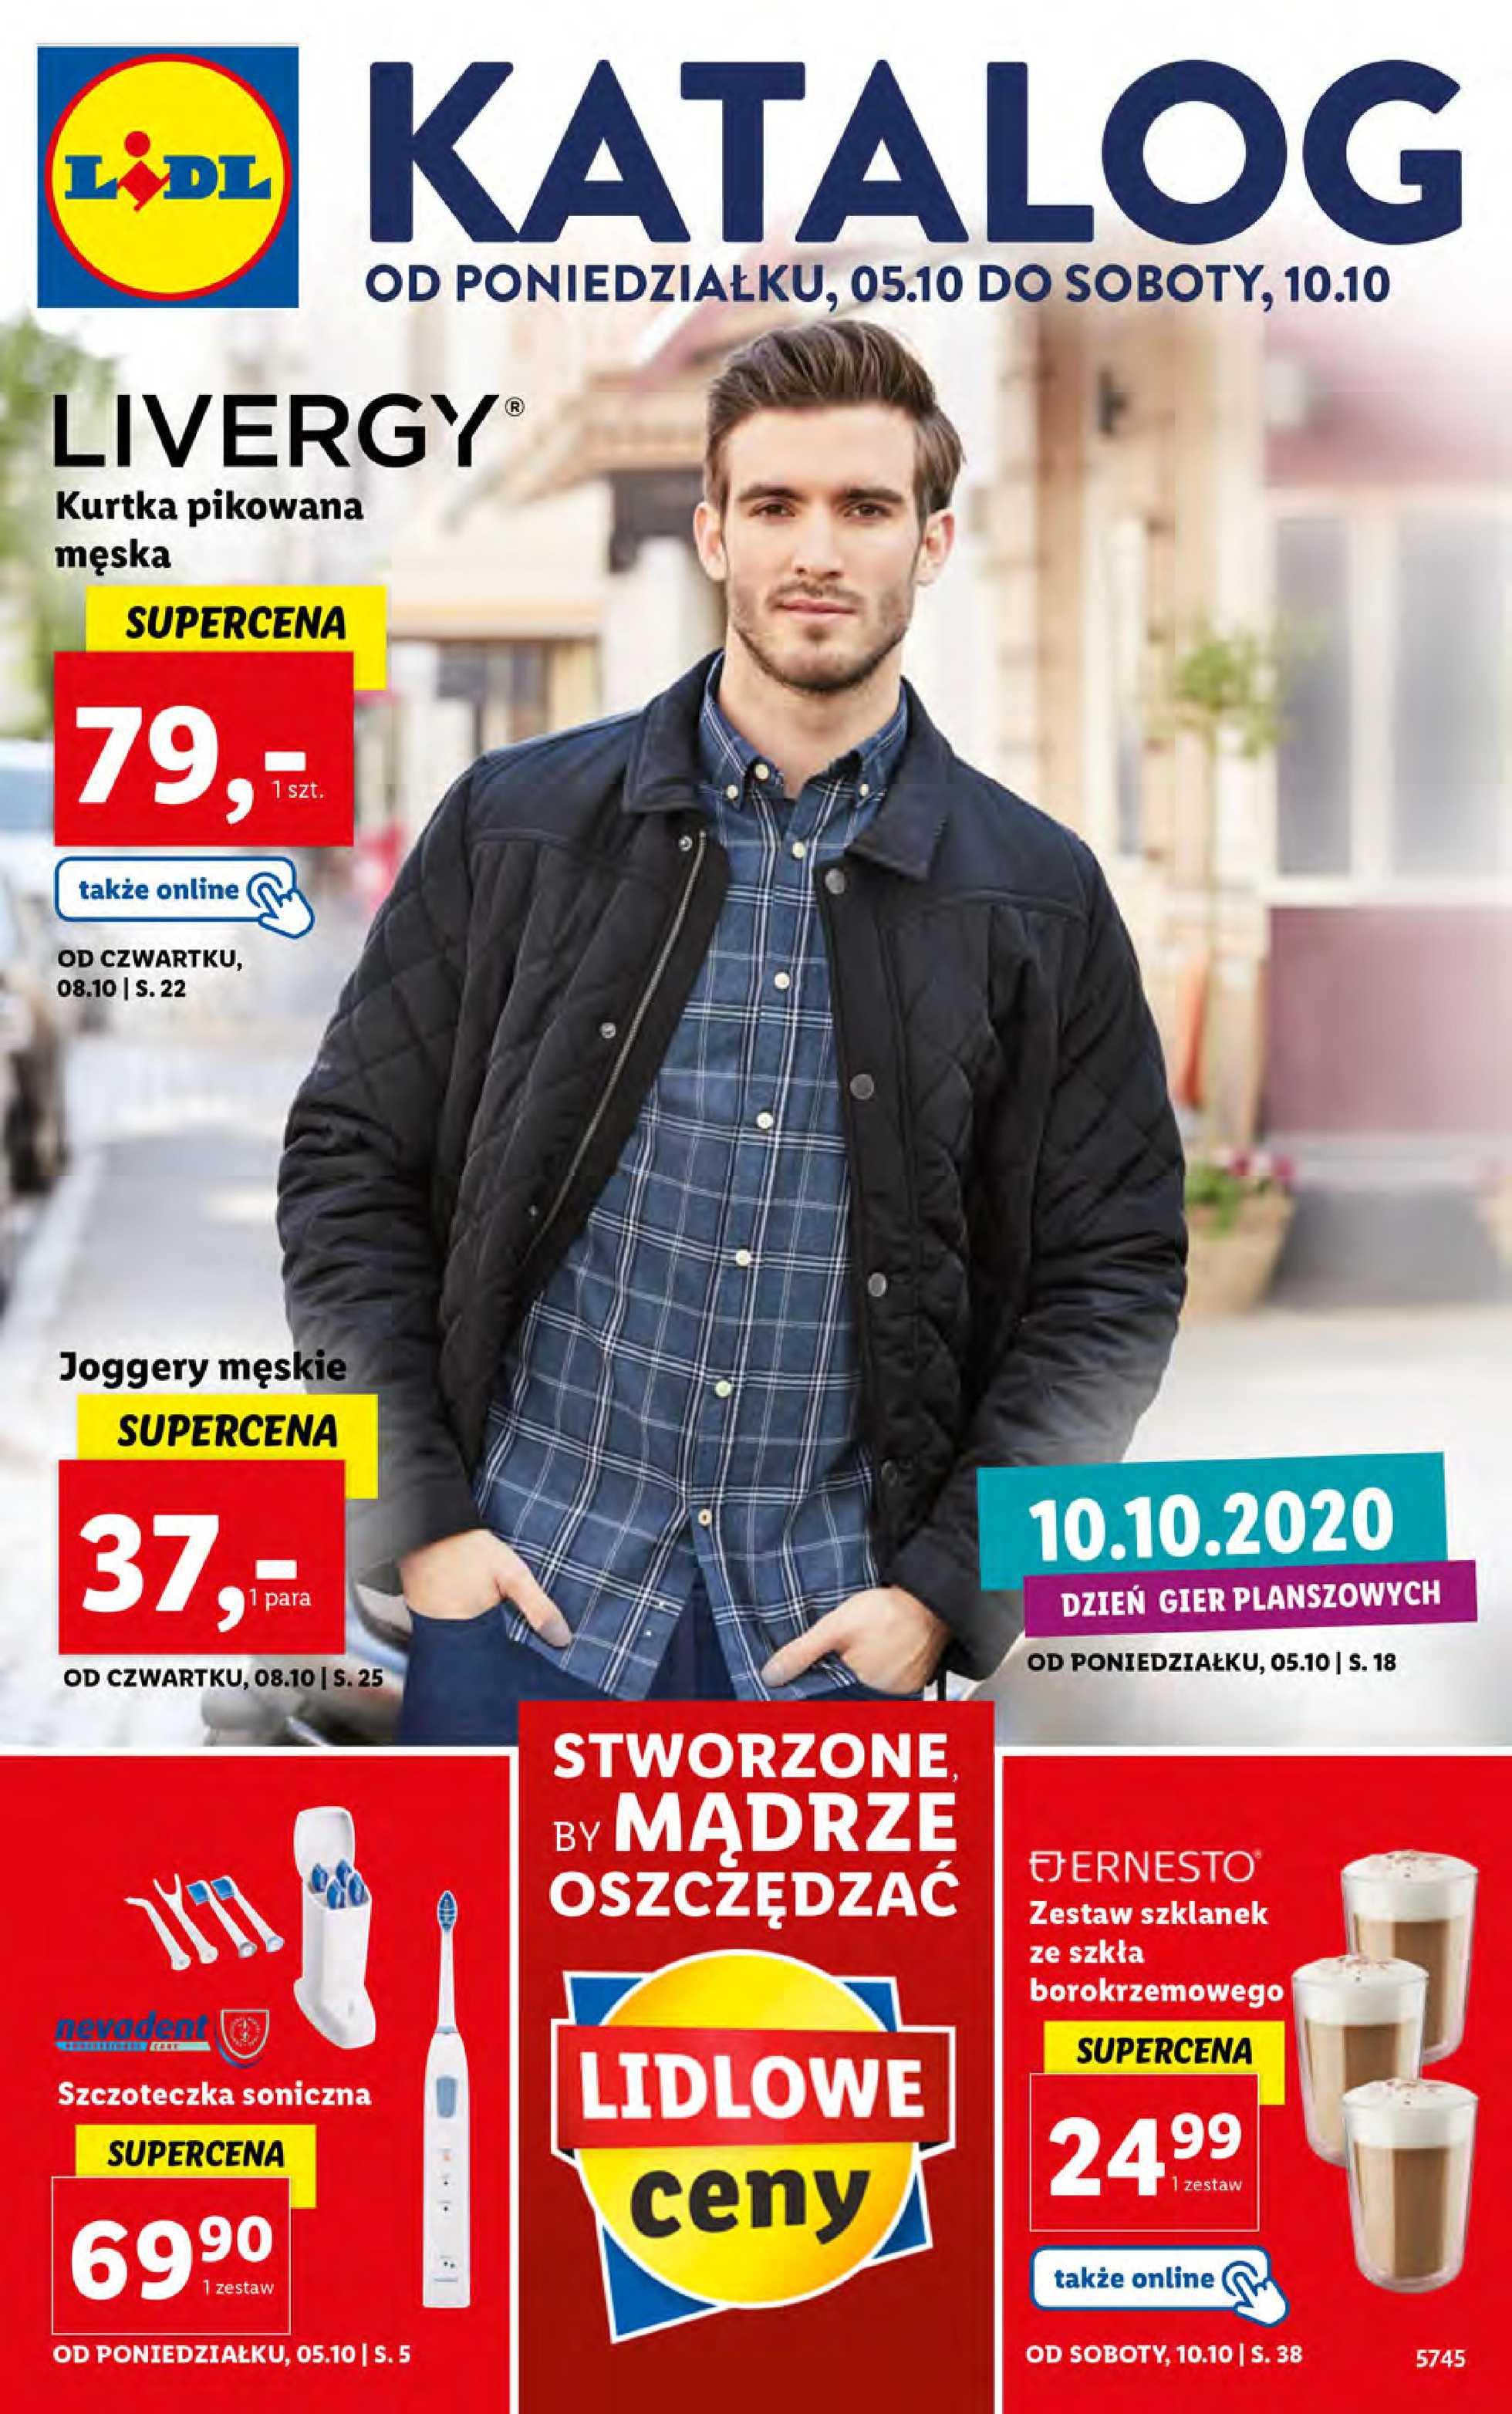 Lidl - gazetka promocyjna ważna od 05.10.2020 do 10.10.2020 - strona 1.